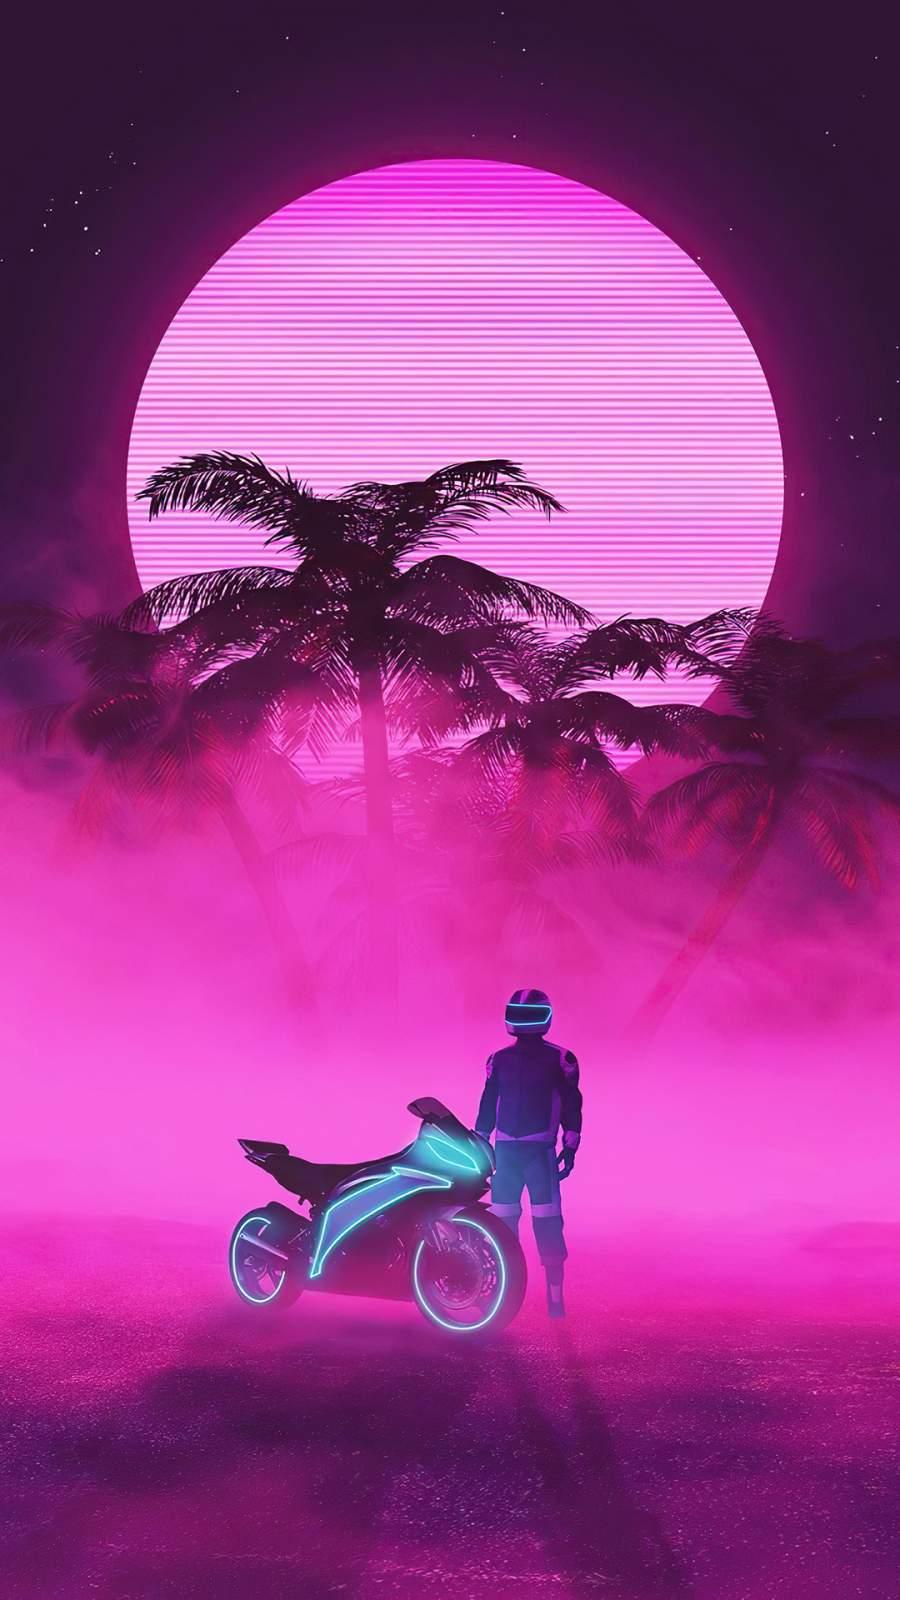 Neon Biker iPhone Wallpaper